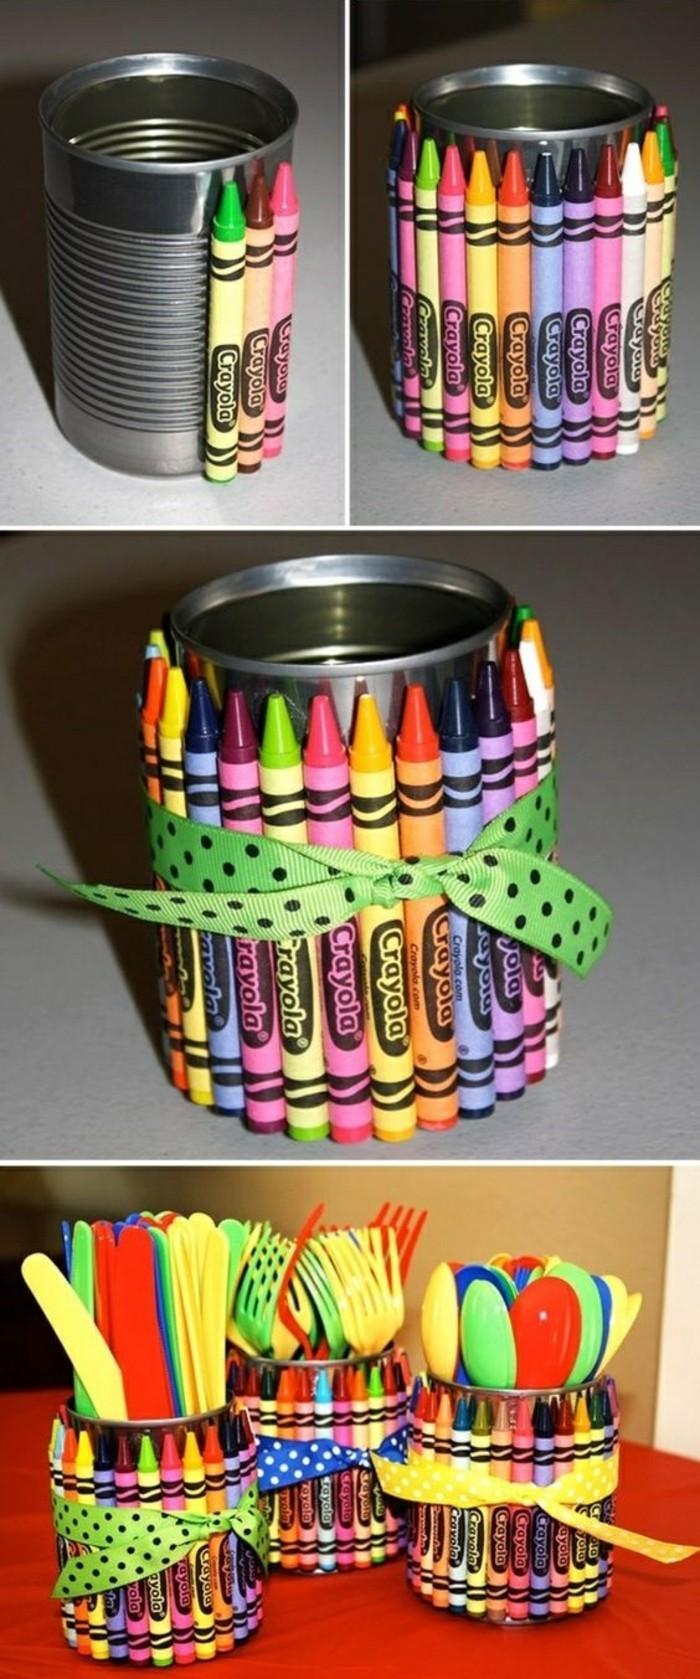 loisir créatif avec matériaux simples, que faire avec une canette, réaliser un accessoire pour bureau en boîte conserve